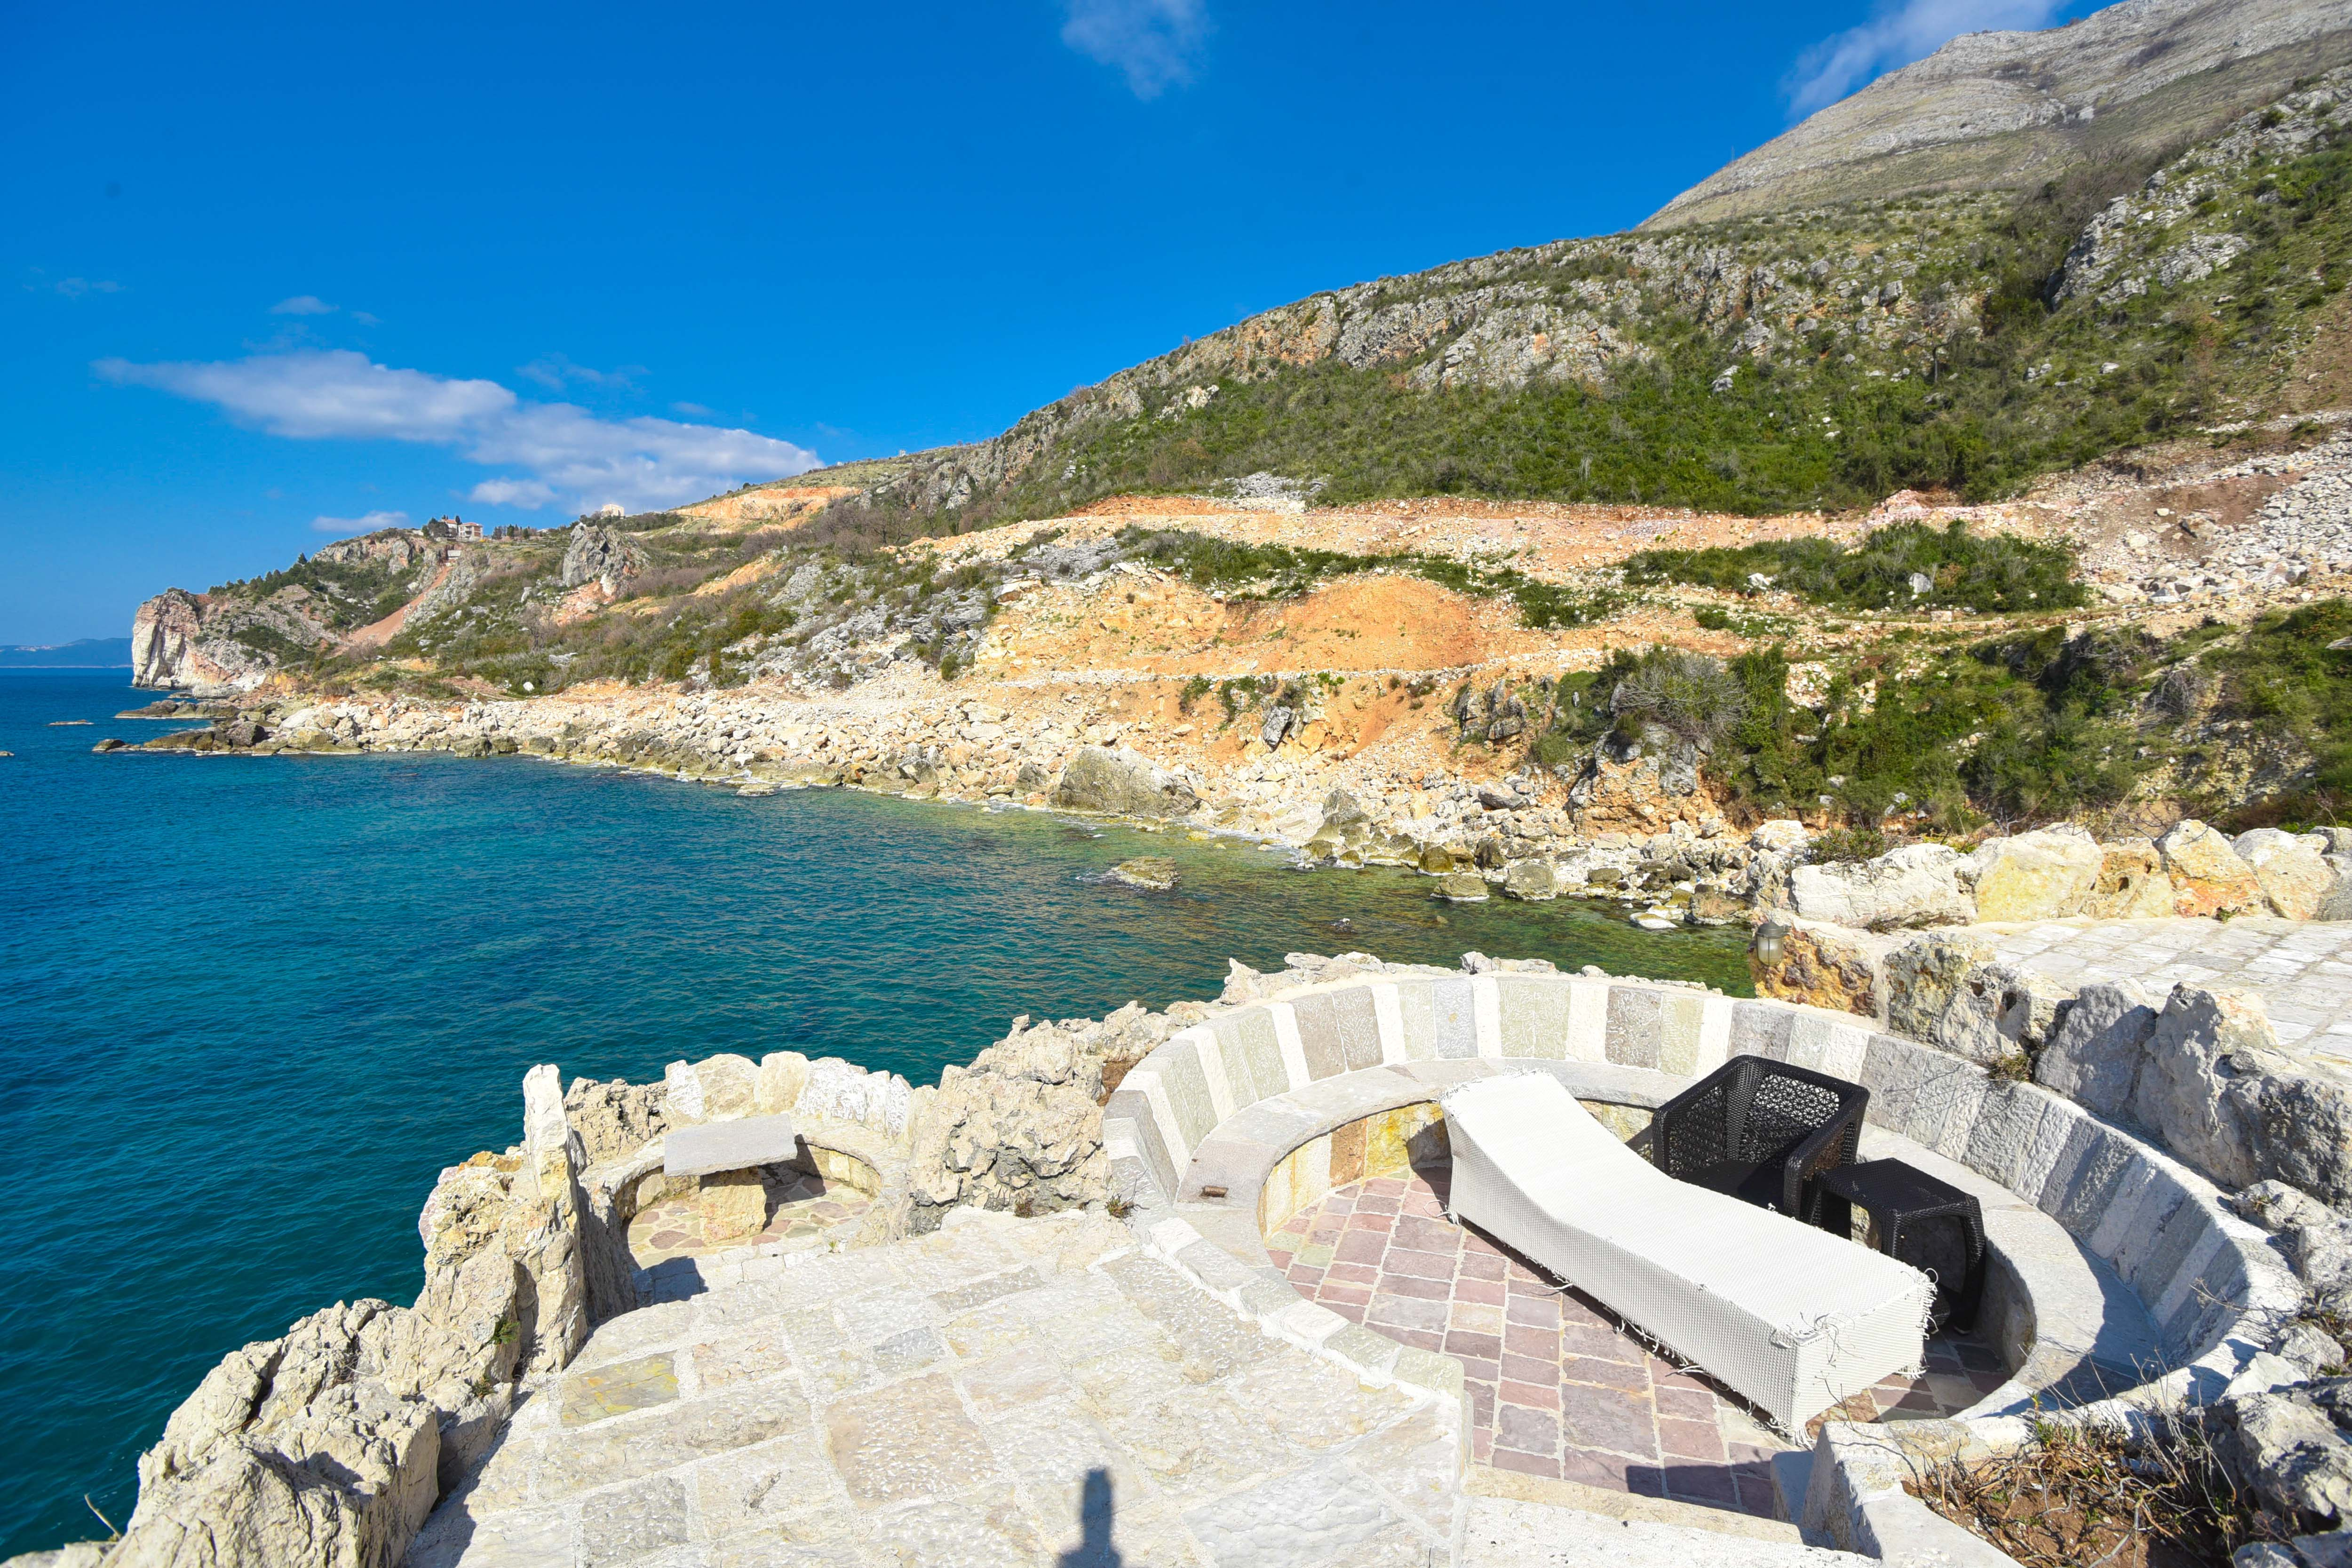 amforaproperty.com/Mali raj na Mediteranu! Vila iz 14 vijeka sa svojim poluostrvom!